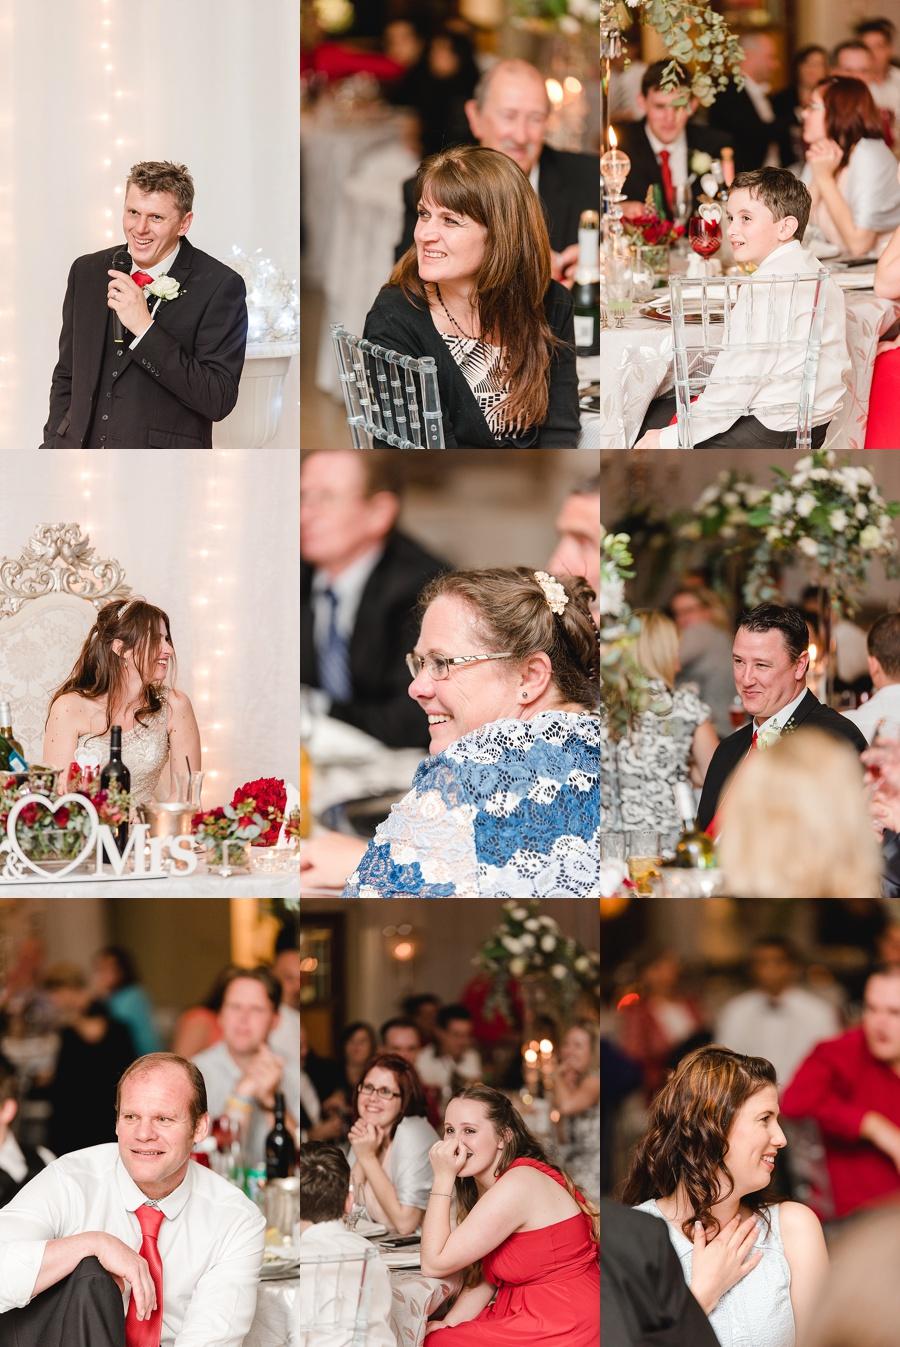 Darren Bester - Cape Town Wedding Photographer - Eensgezind Function Venue - Roger & Amanda_0052.jpg